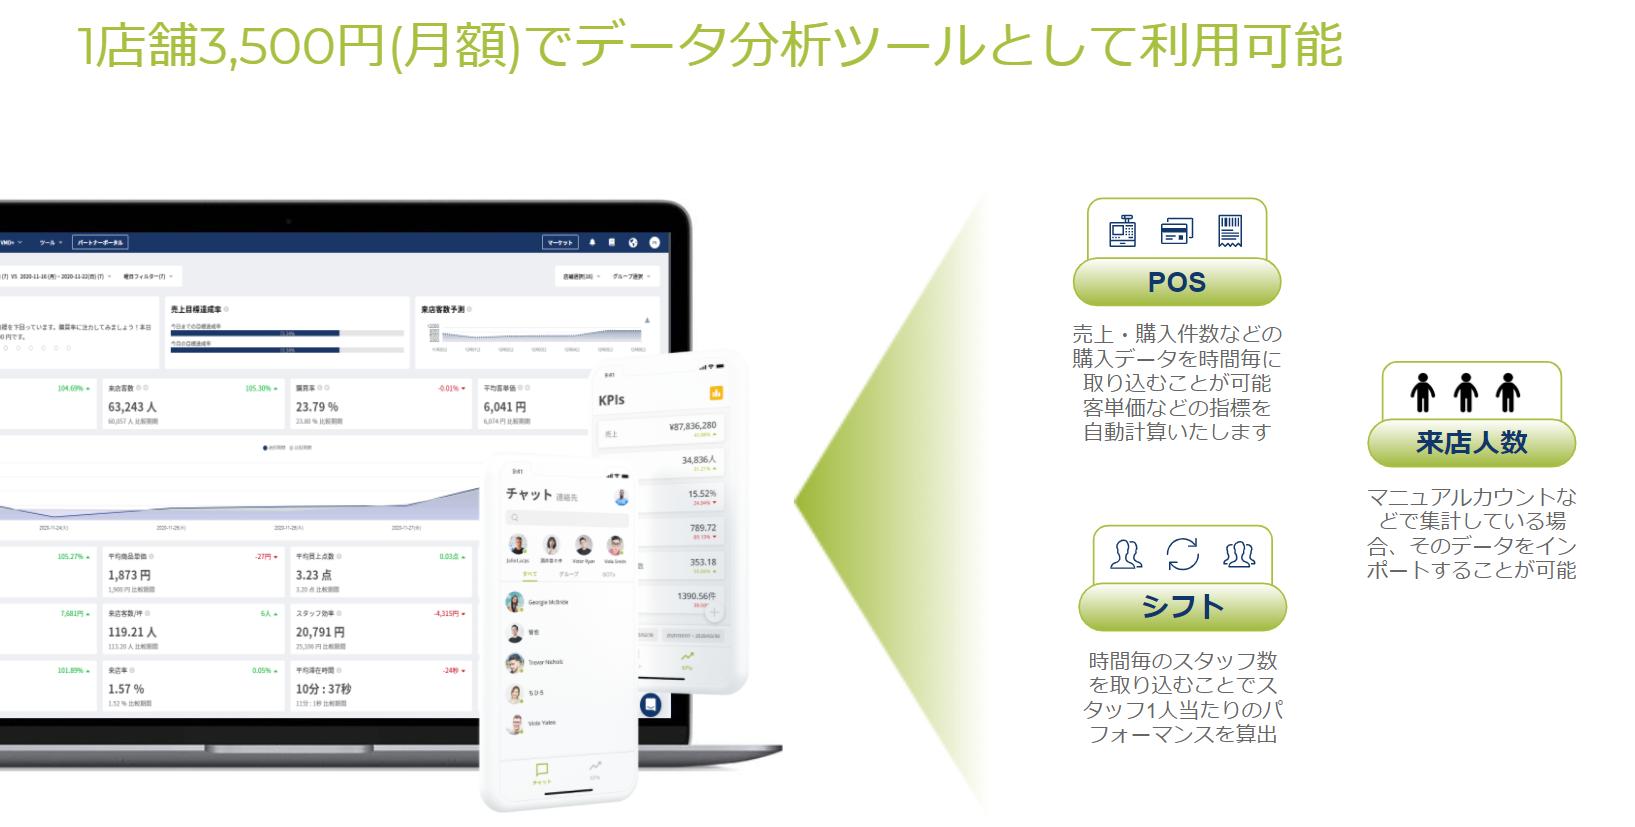 3500_platform_01